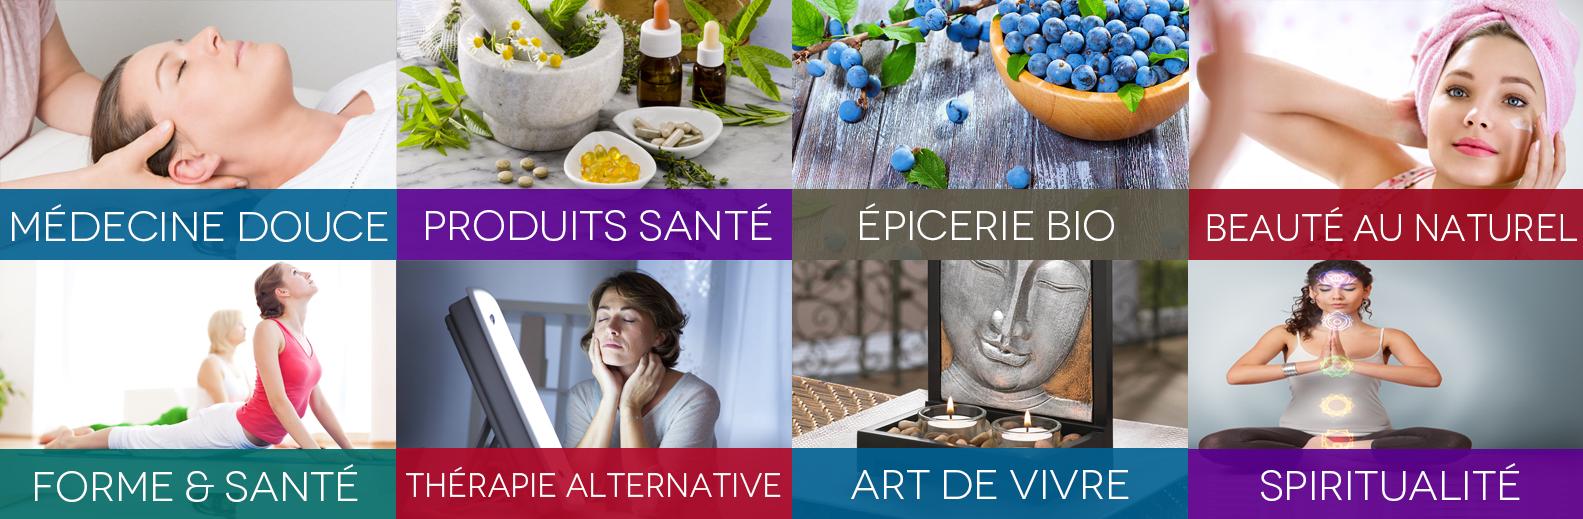 Le salon offre une sélection d'exposants en médecine alternative, santé holistique et spiritualité